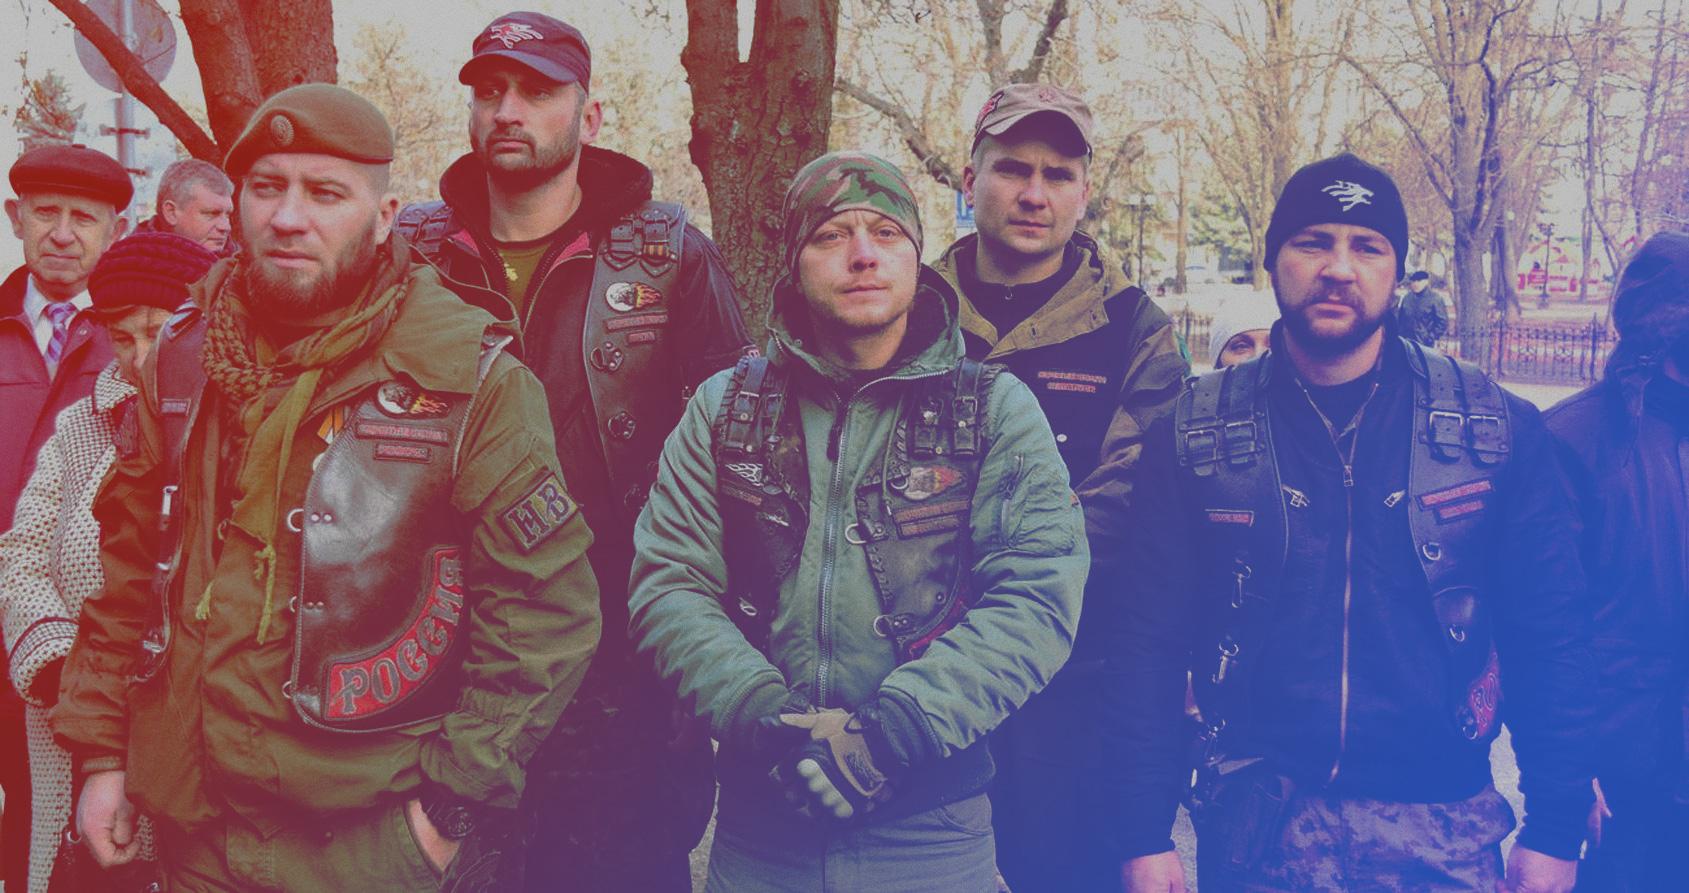 Les bikers de Poutine : au cœur du gang de motards le plus redouté de Russie (2)